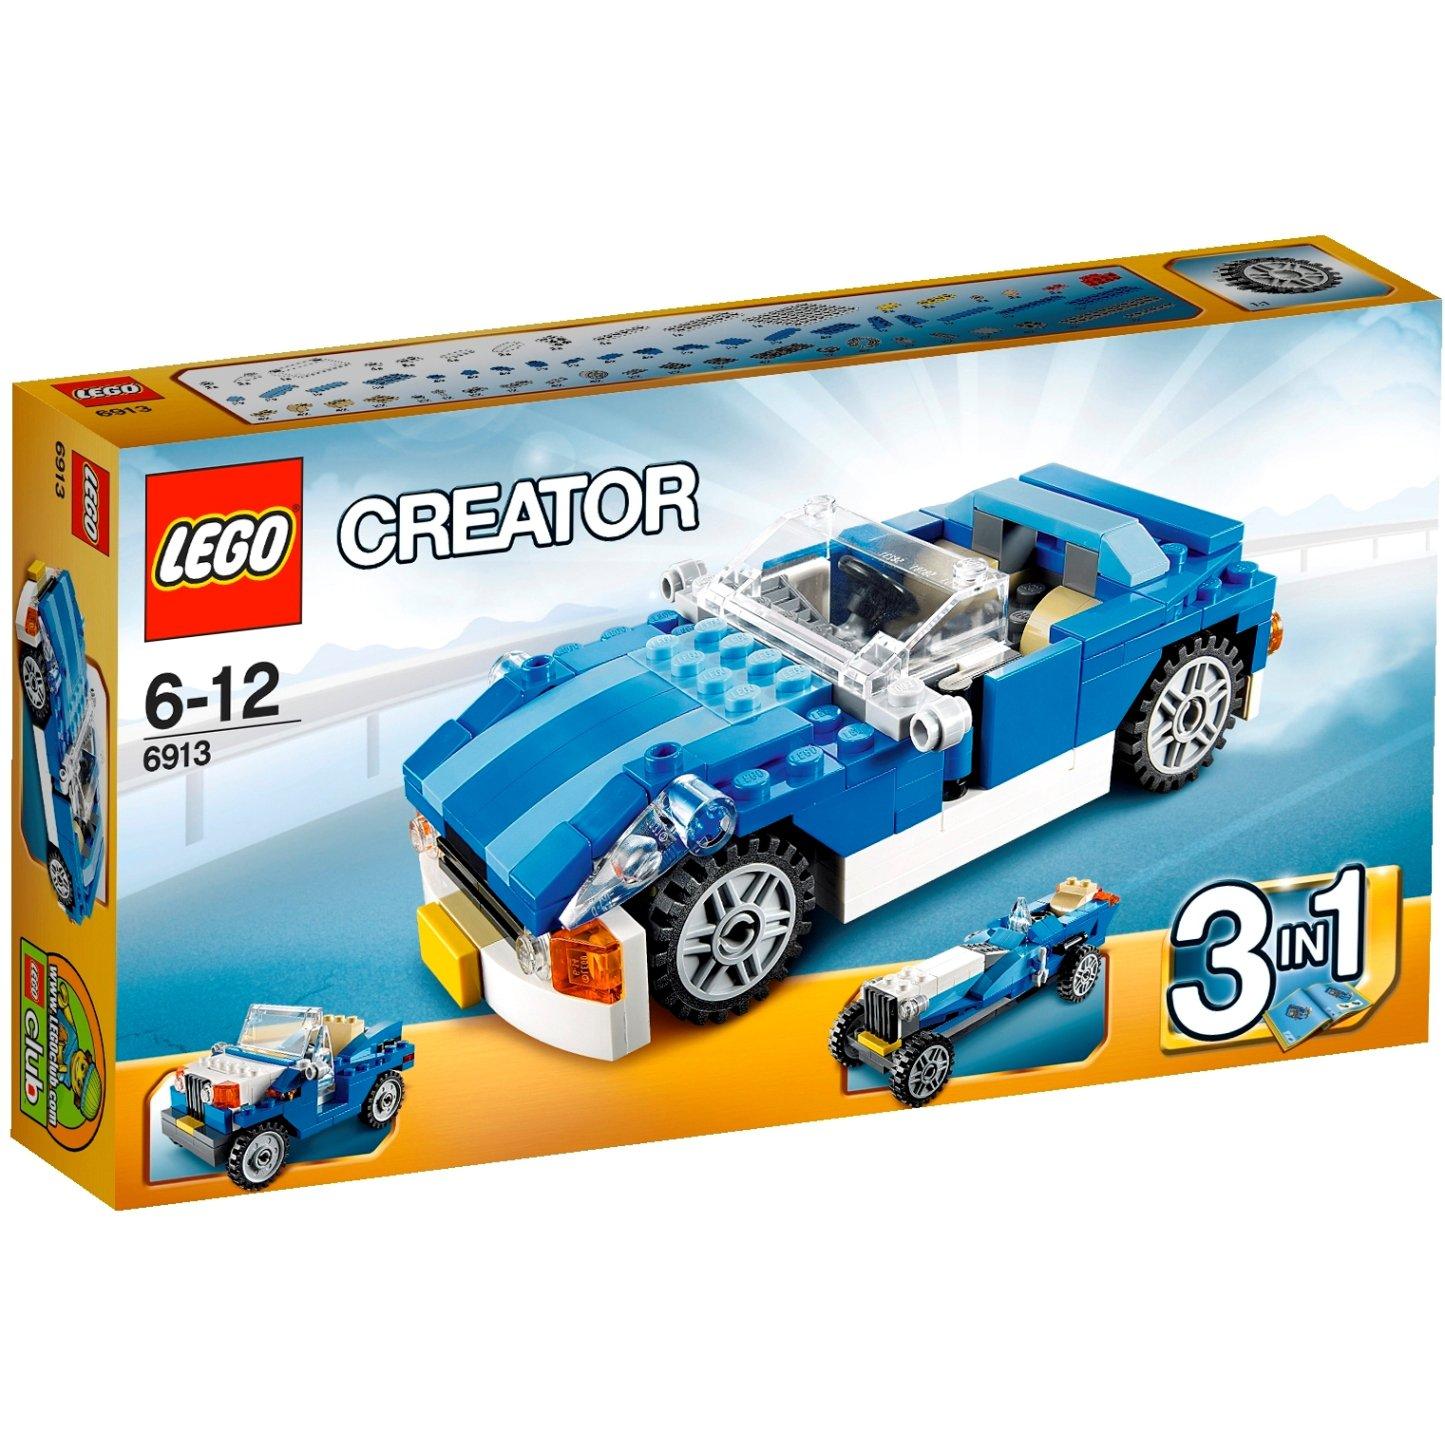 Lego Creator Highway Sdster